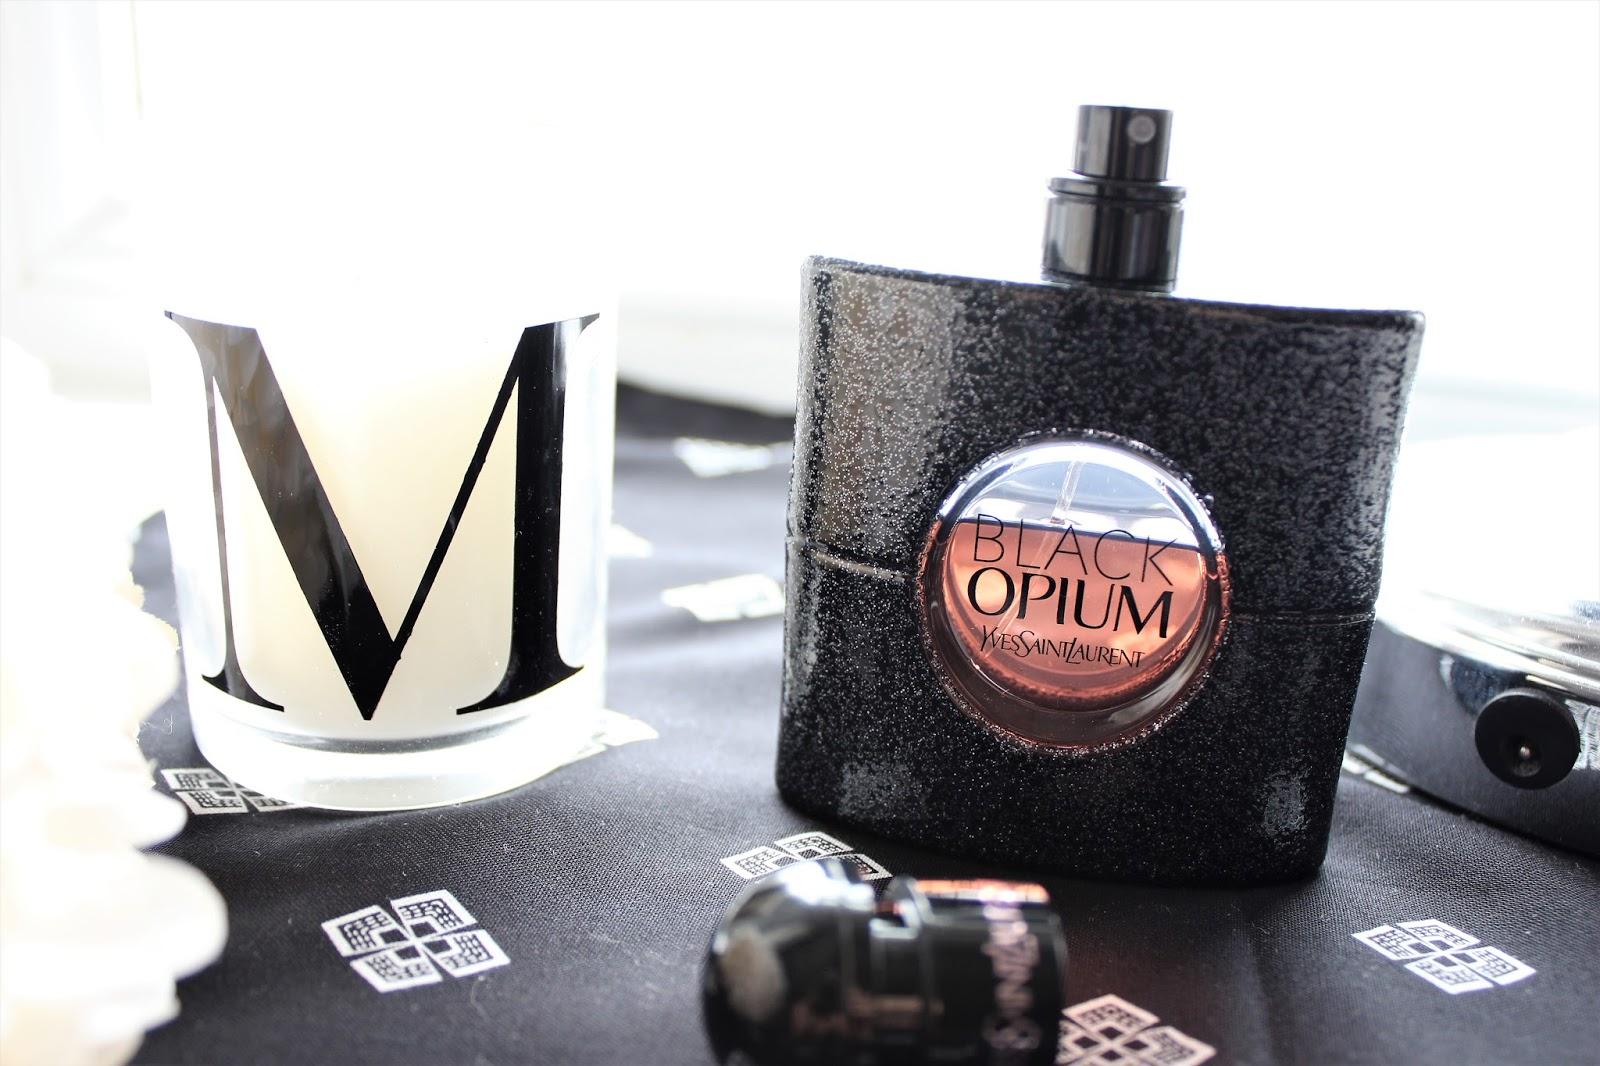 ysl black opium perfume review